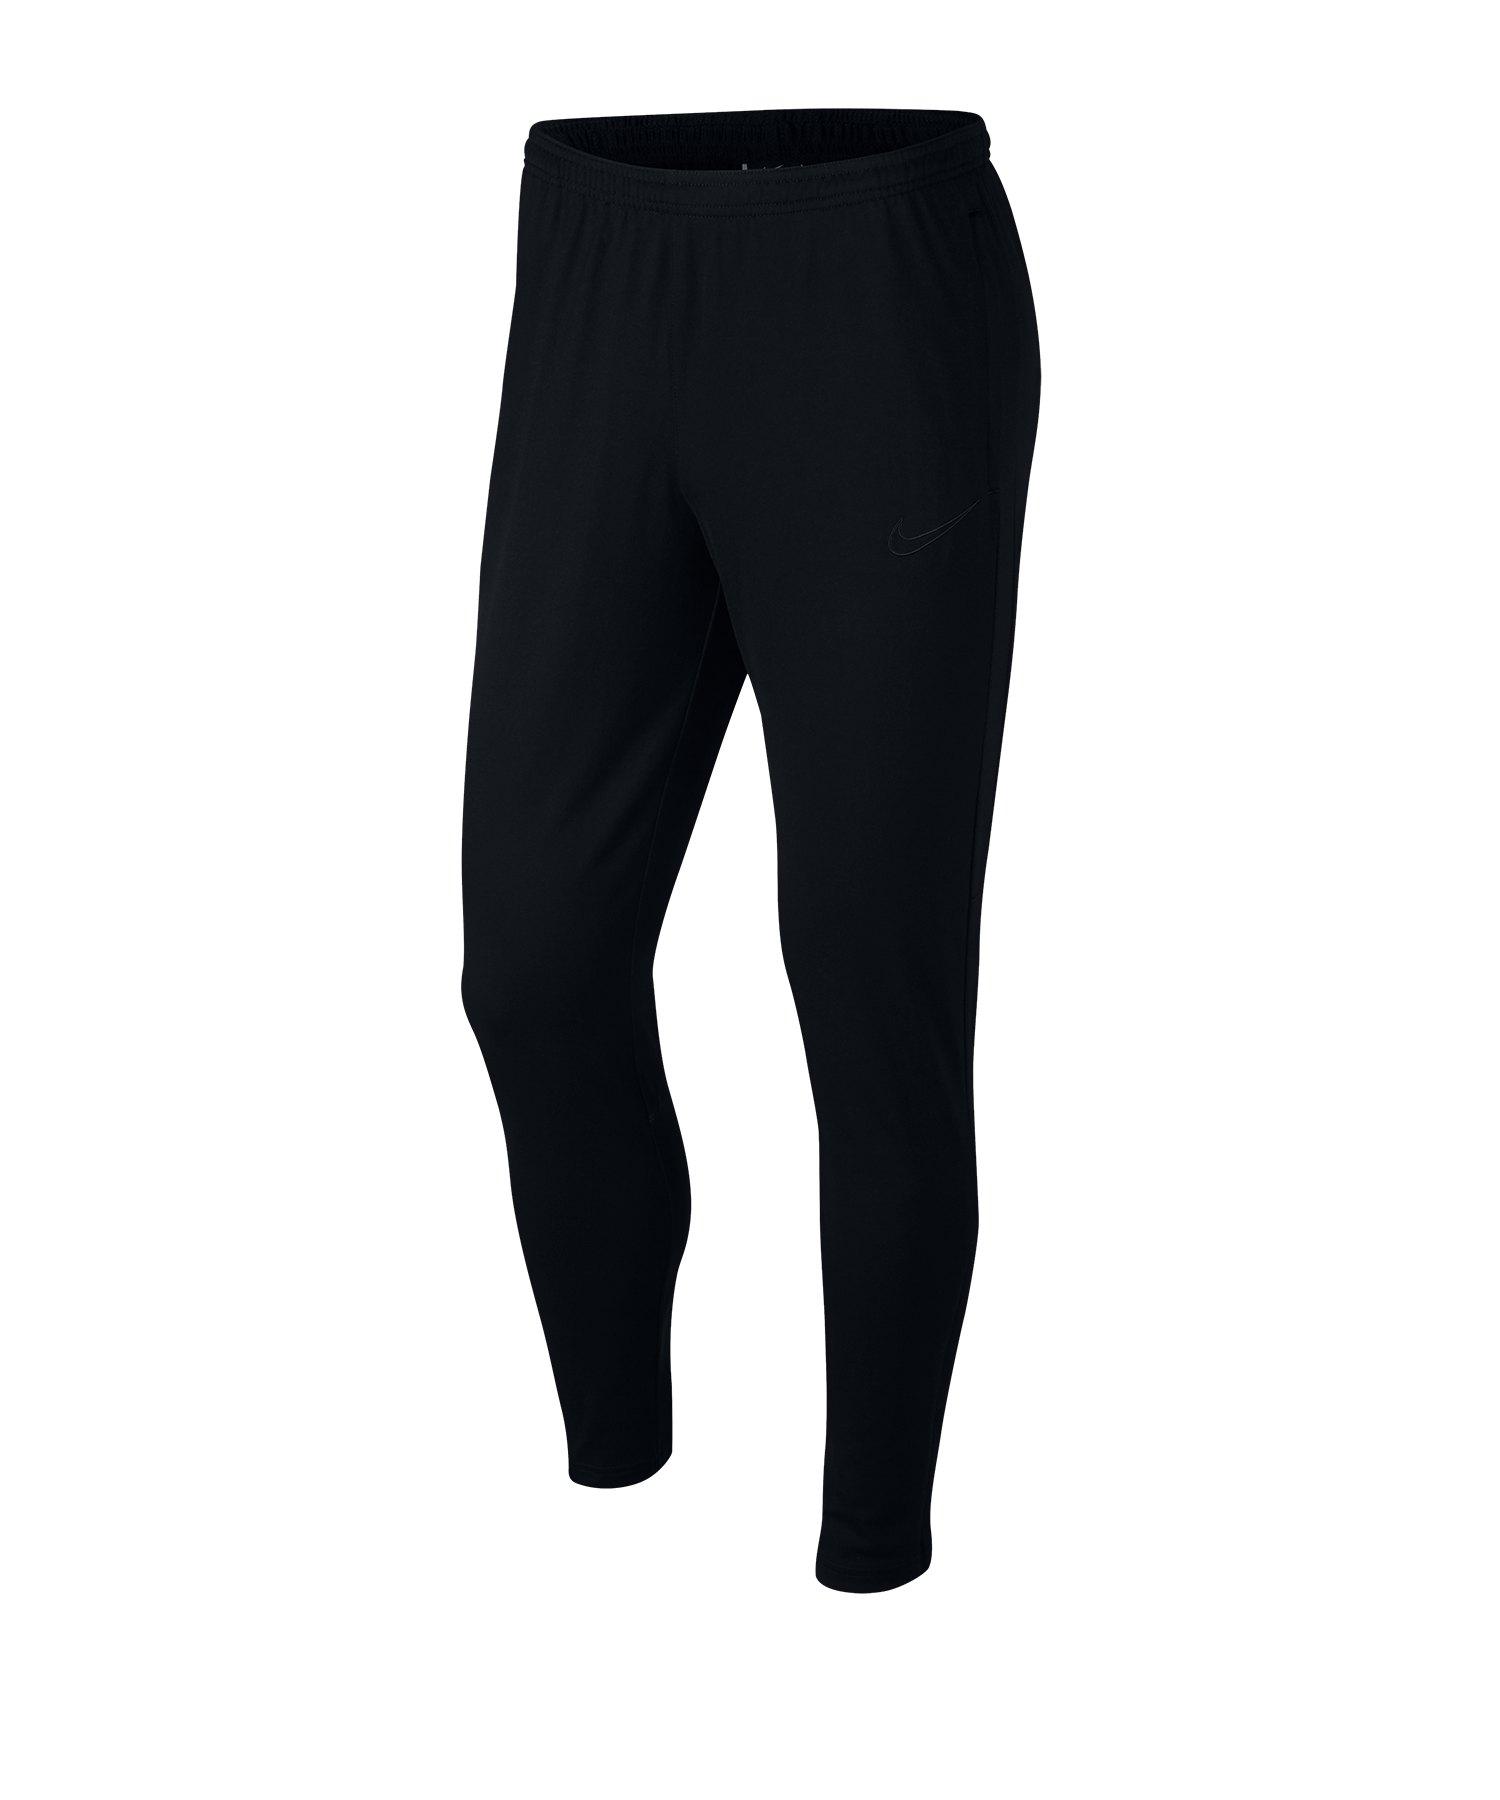 Nike Dry Academy Pant Trainingshose Schwarz F011 - schwarz